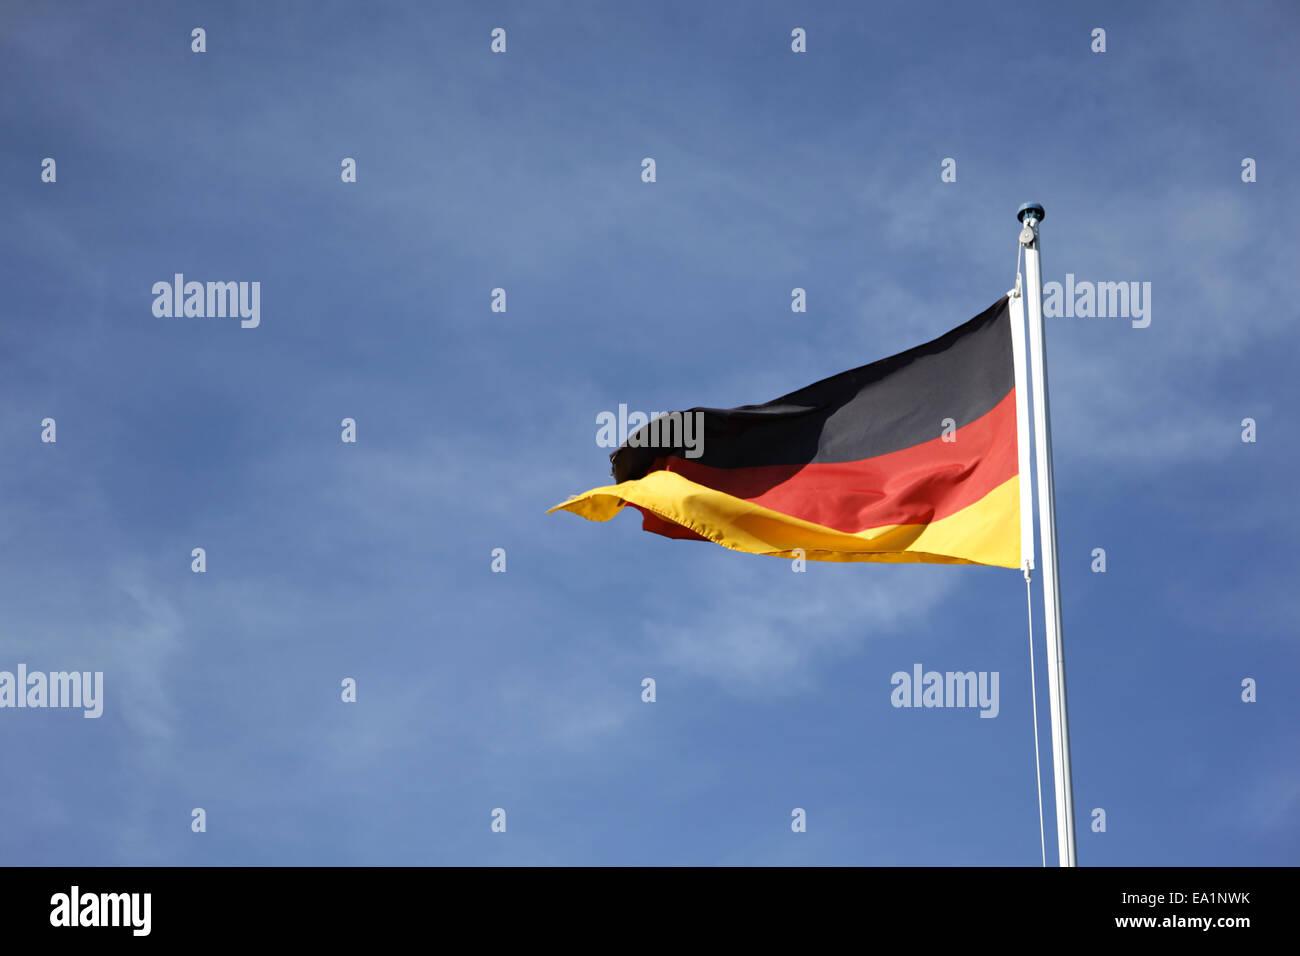 germany Stock Photo